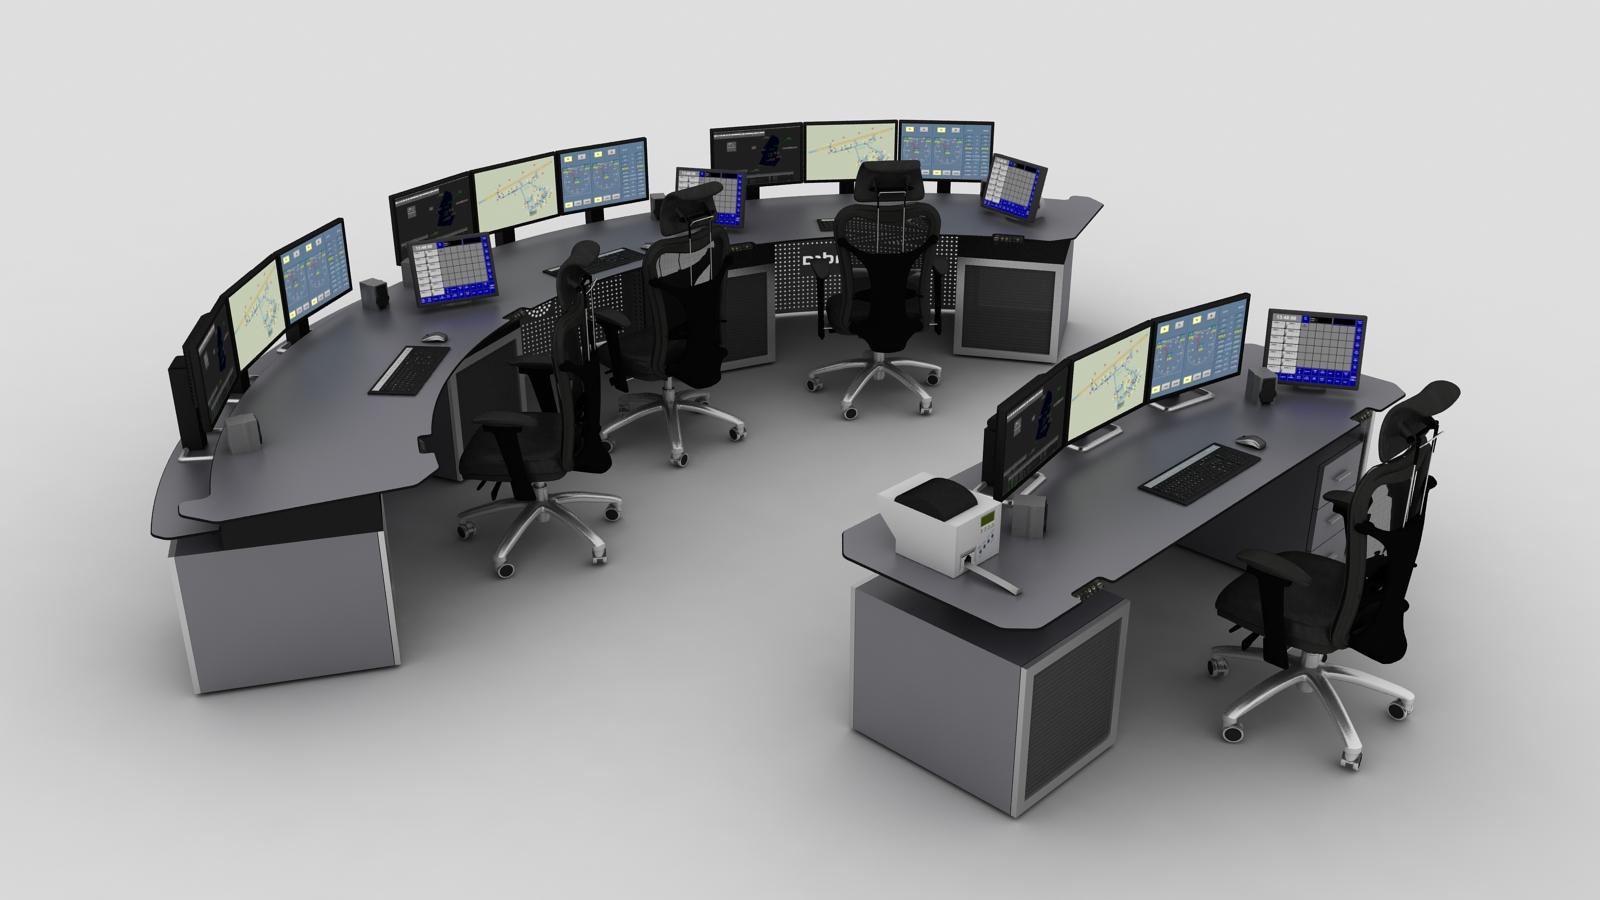 Consola-mobiliario-tecnologico